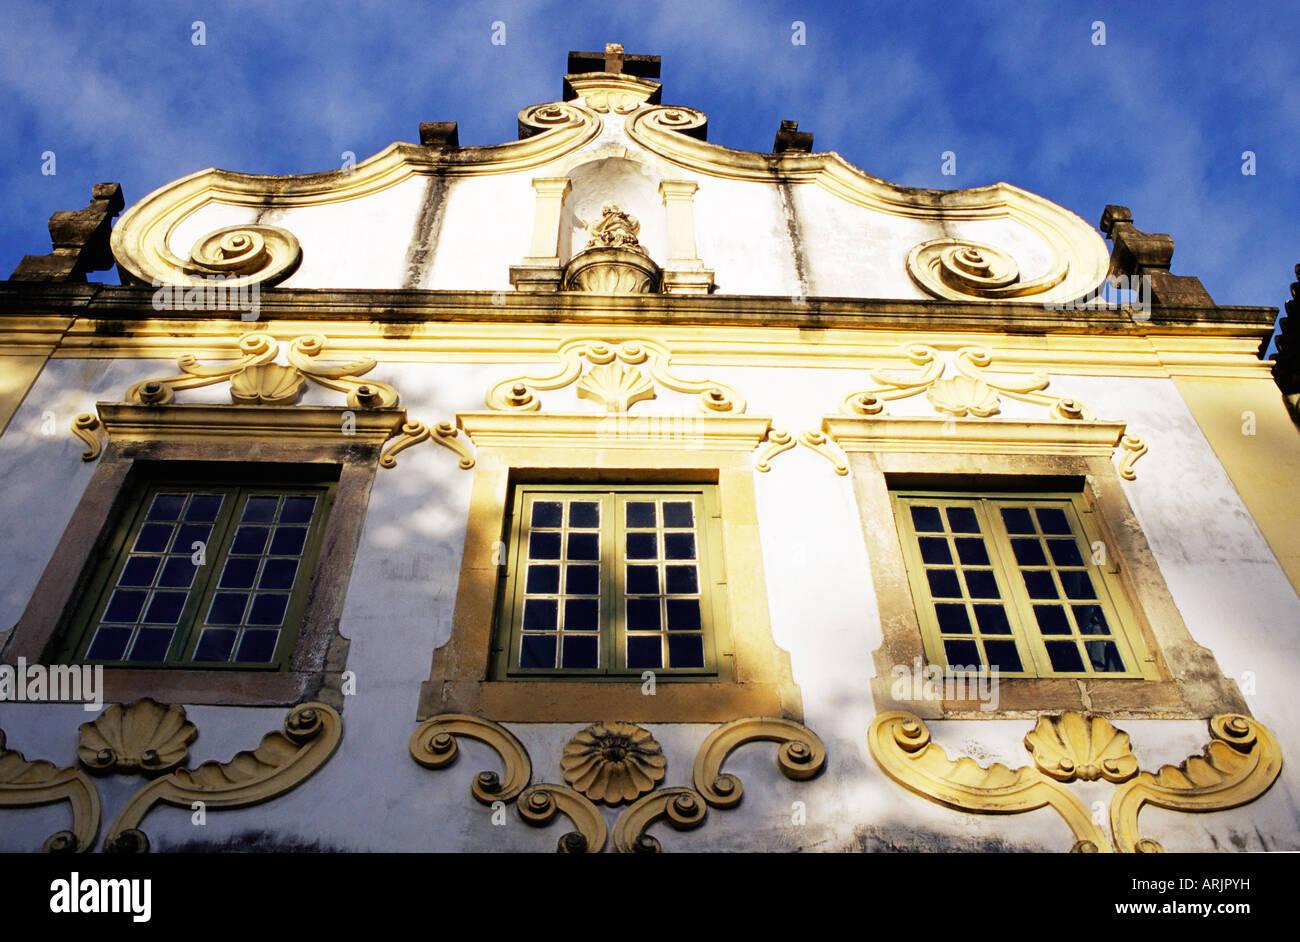 Baroque facade of the Convento Sao Francesco, Olinda, Per. Brazil, South America - Stock Image